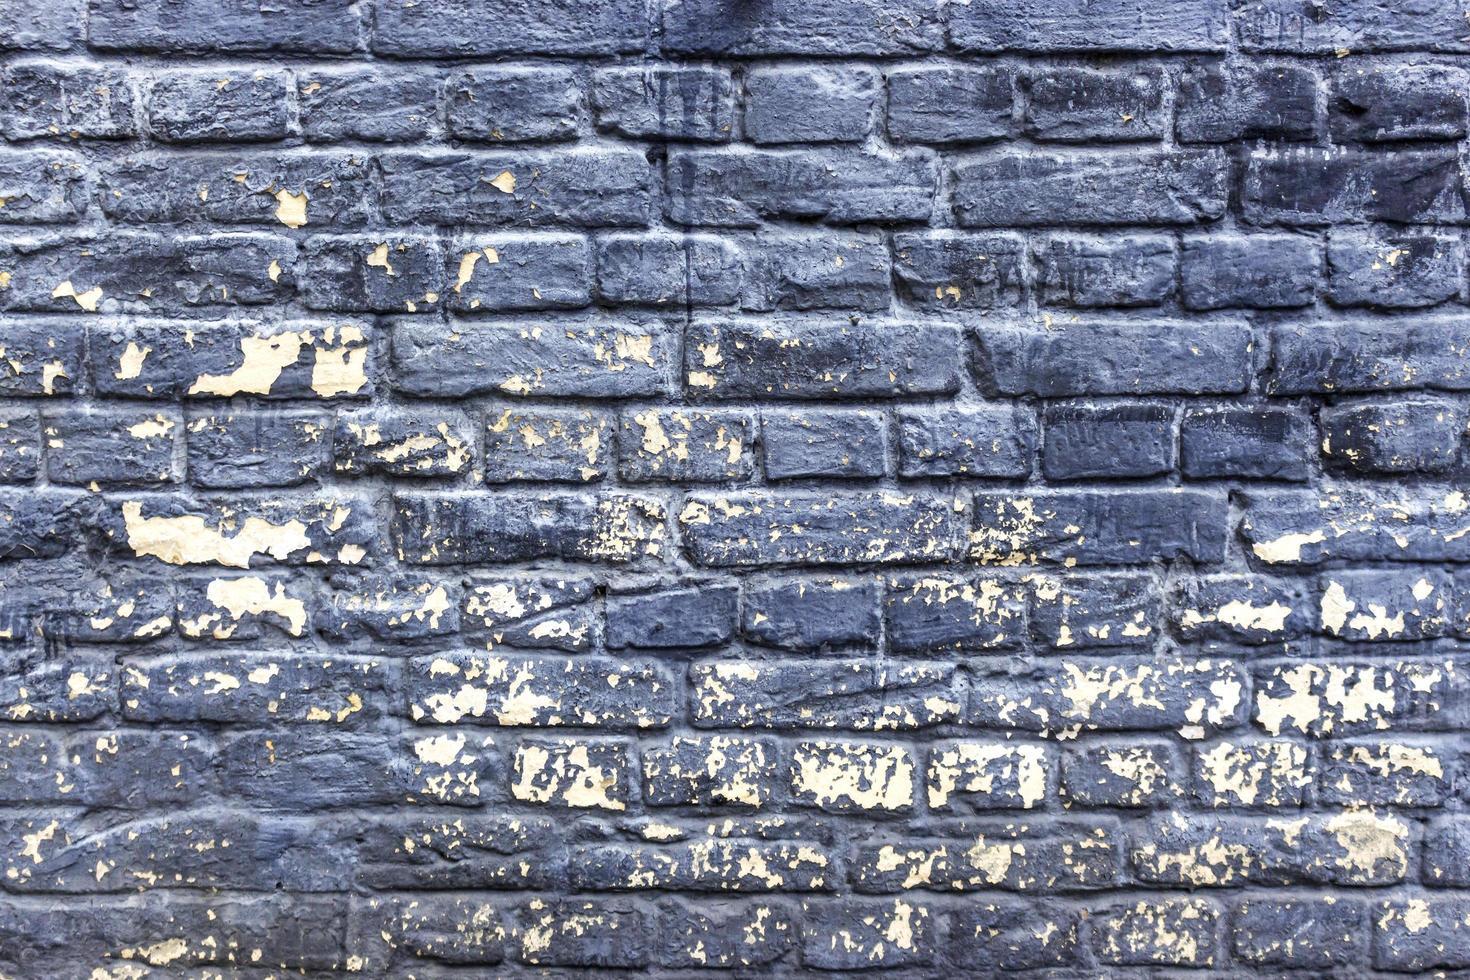 oude gebarsten bakstenen muurtexturen foto